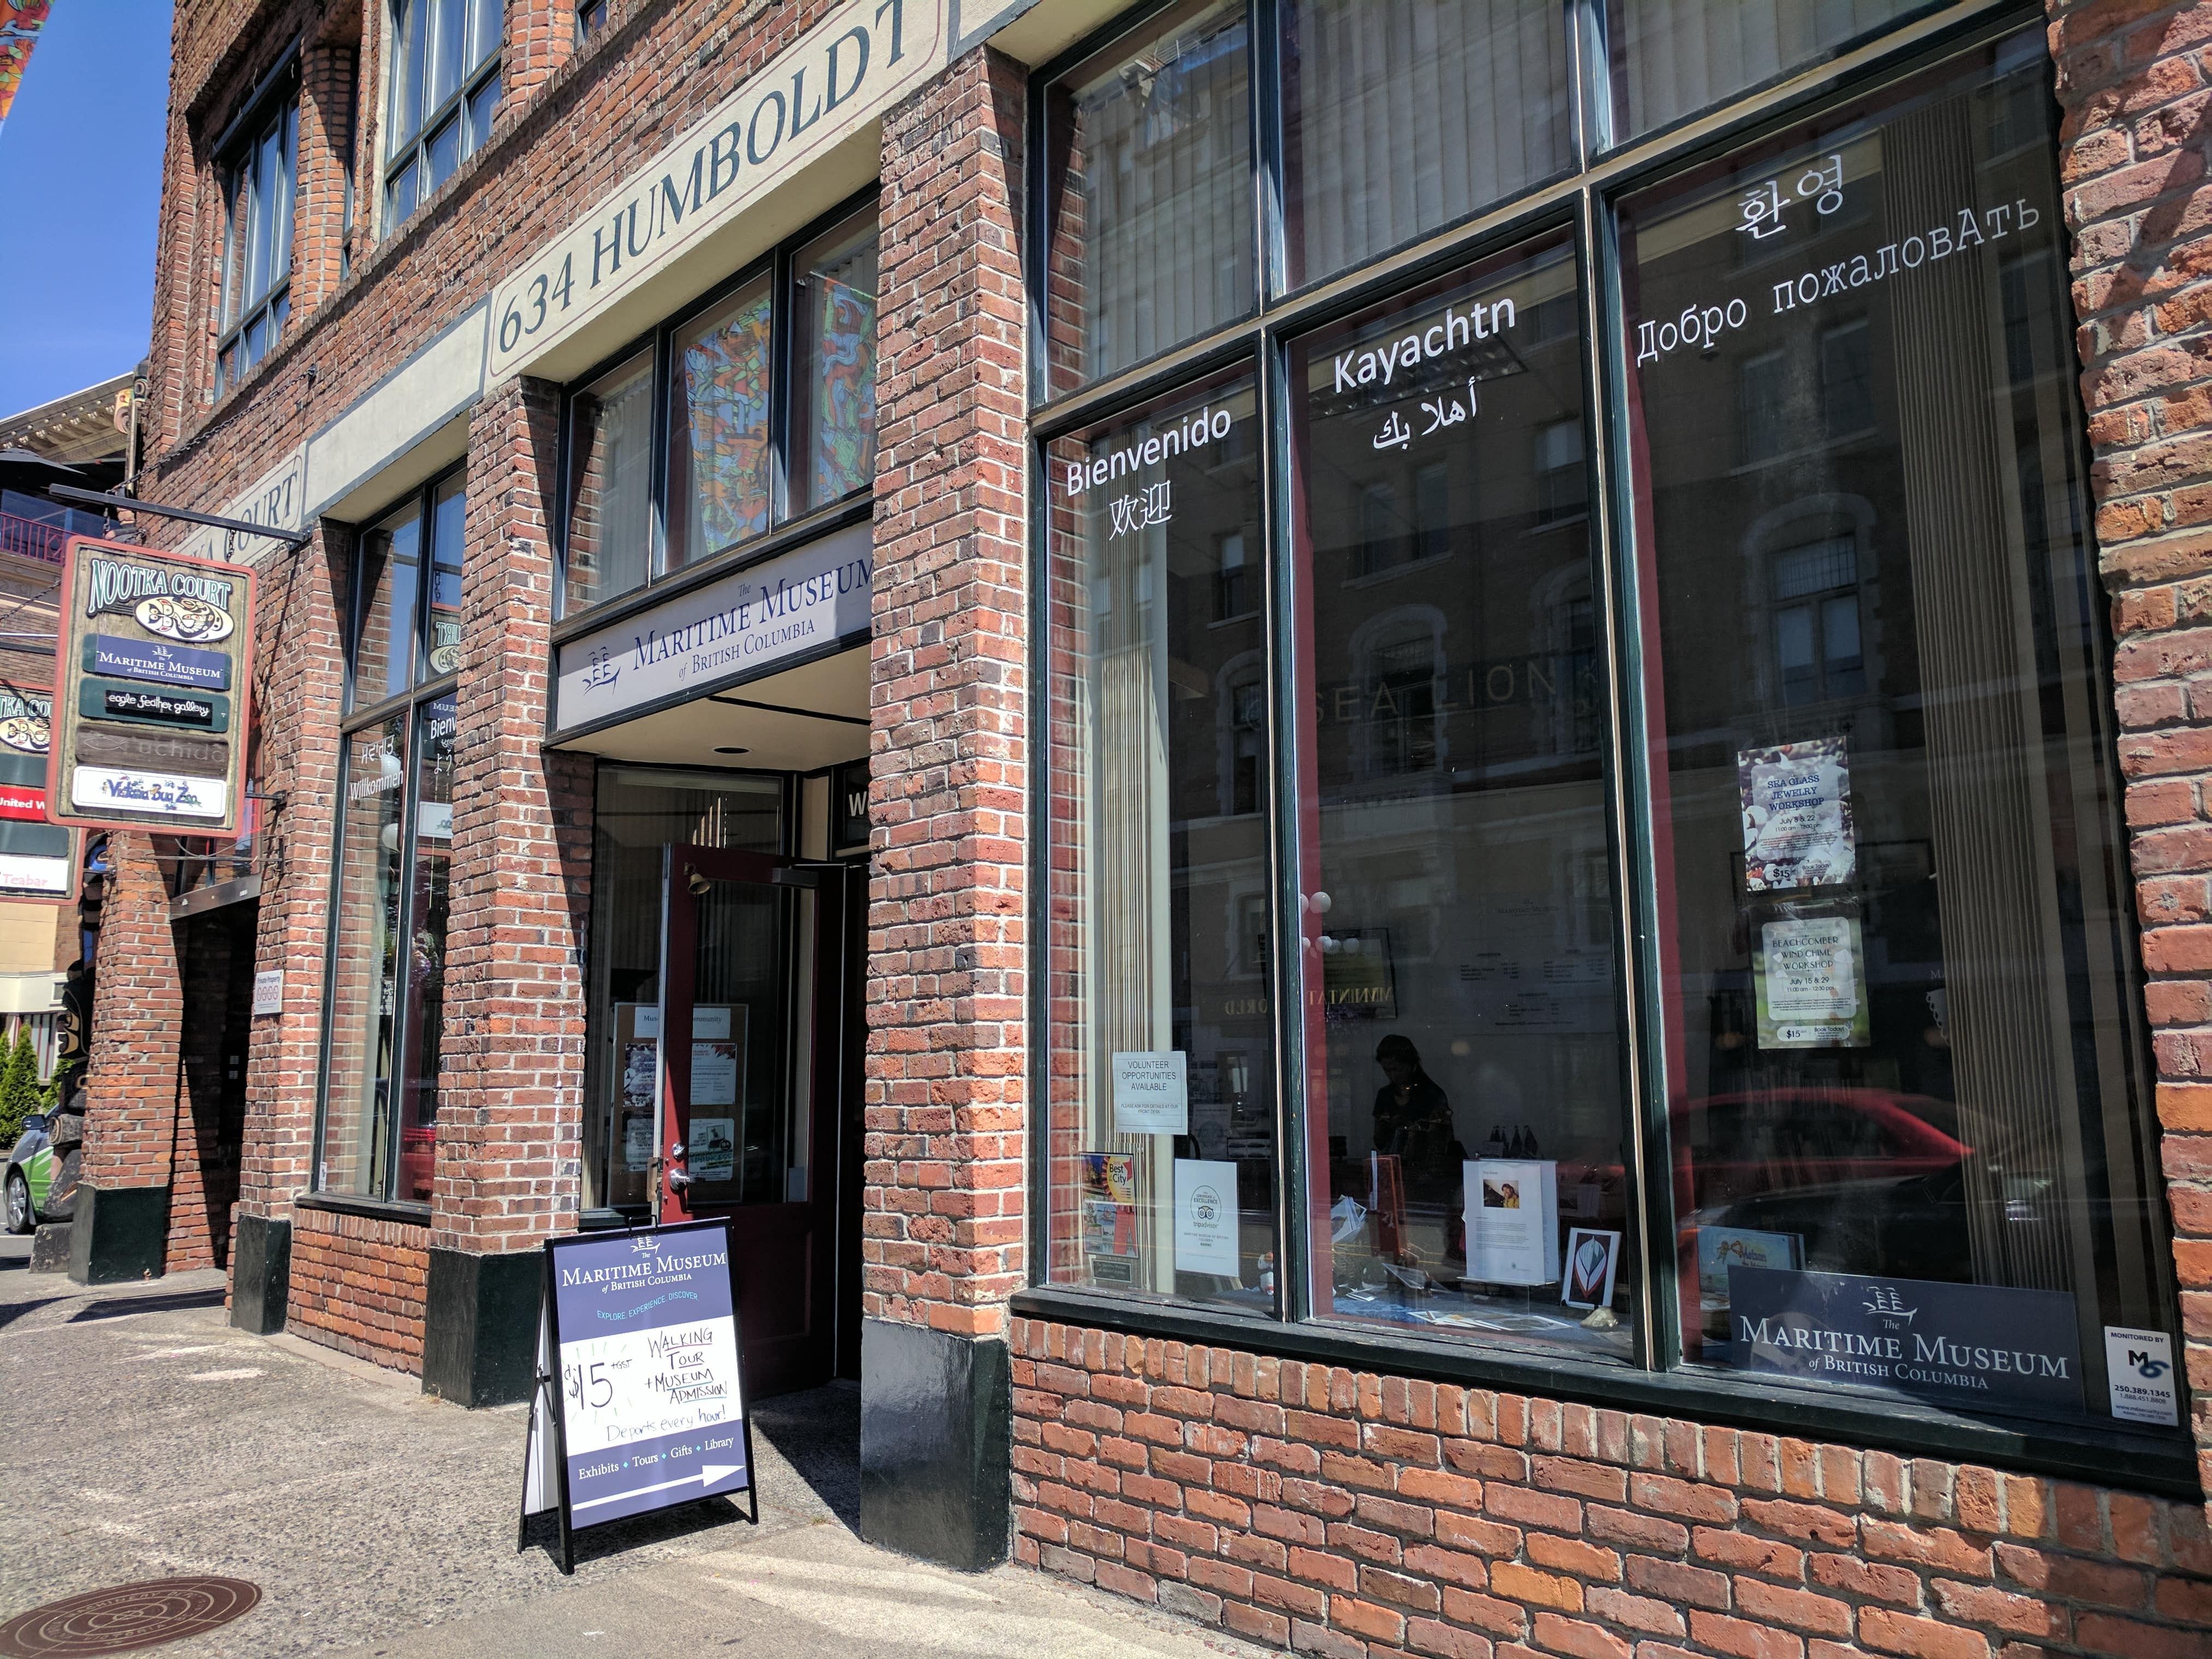 Maritime Museum of BC - 634 Humboldt St., Victoria, BC